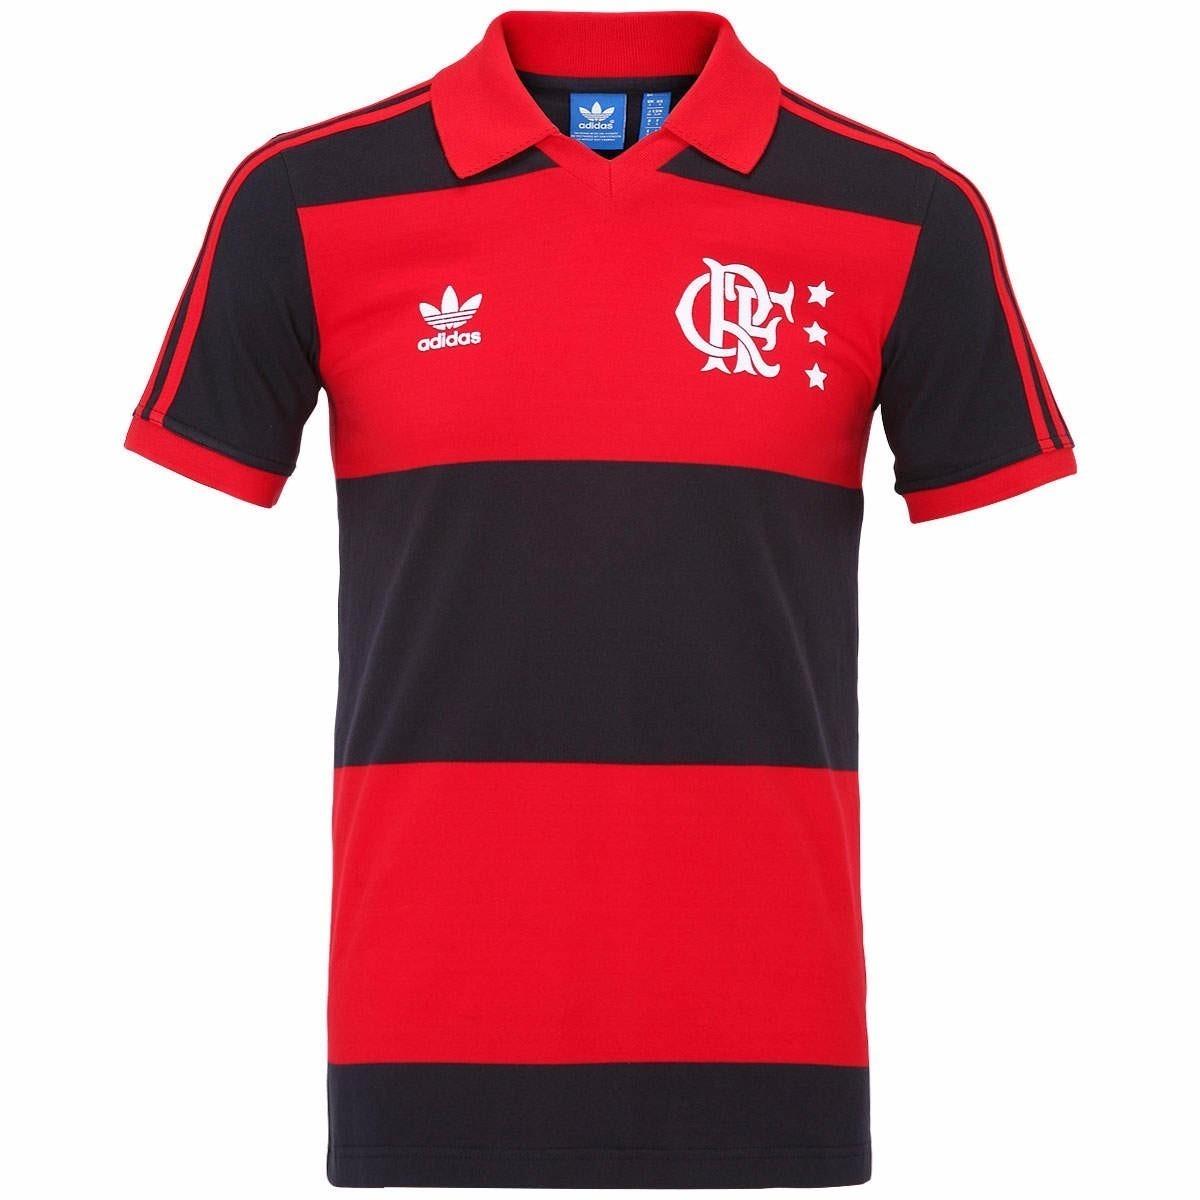 6f0e516647d0e Camisa Flamengo Retrô Zico adidas Originals Oficial - R$ 149,90 em ...